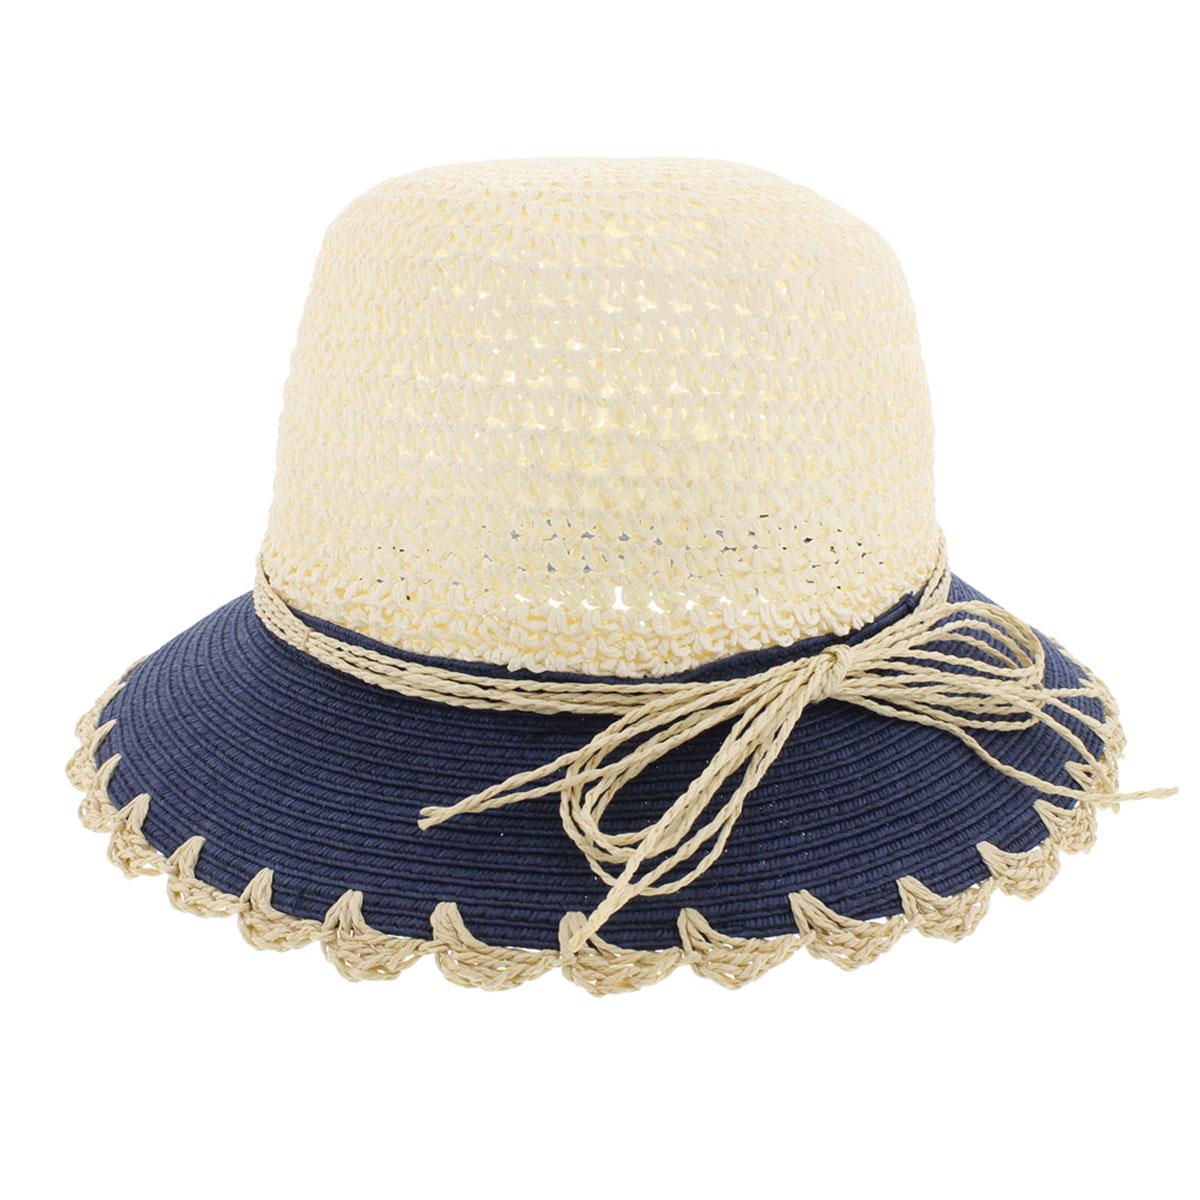 Шляпа женская Romy. 77-14077-140-02Летняя женская шляпа R.Mountain Romy станет незаменимым аксессуаром для пляжа и отдыха на природе. Такая шляпка не только защитит вас от солнца, но и станет стильным дополнением вашего образа. Модель украшена соломенной лентой вокруг тульи. Края полей также отделаны оригинальными вензелями из соломки. Плетение шляпы обеспечивает необходимую вентиляцию и комфорт даже в самый знойный день. Шляпа легко восстанавливает свою форму после сжатия. Эта элегантная легкая шляпка подчеркнет вашу неповторимость и дополнит ваш повседневный образ.